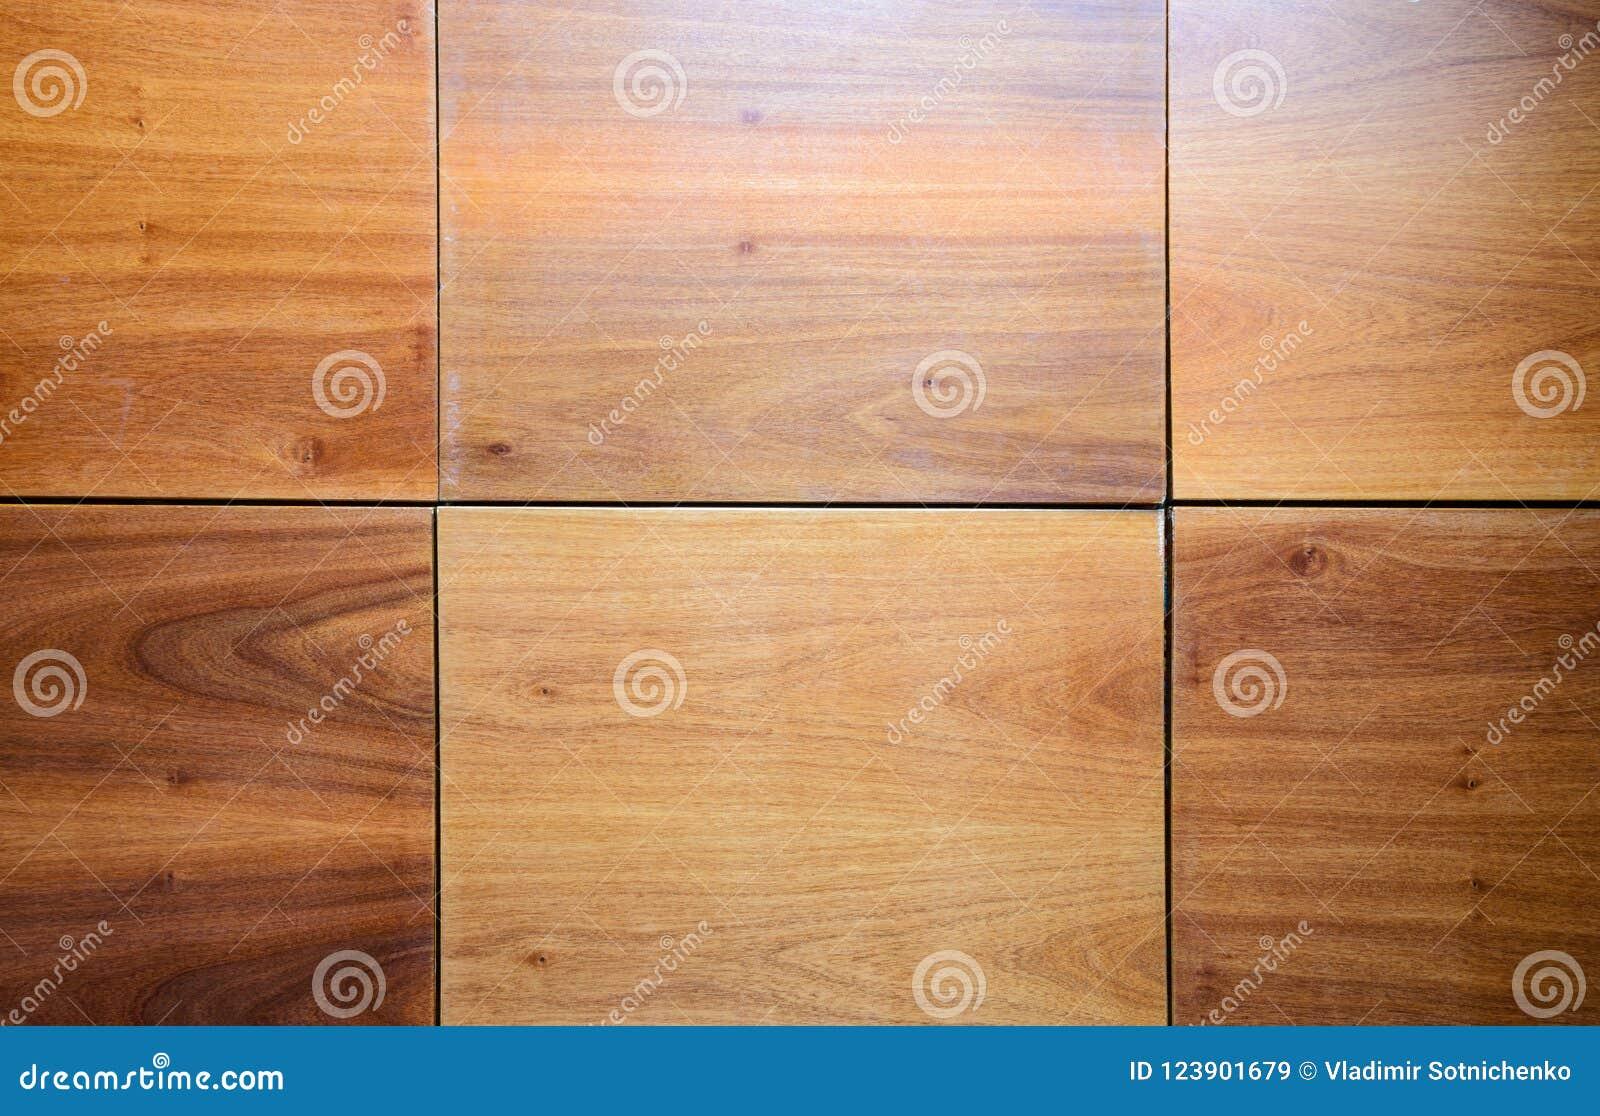 Wood Finishing Wall Panels Background Stock Image Image Of